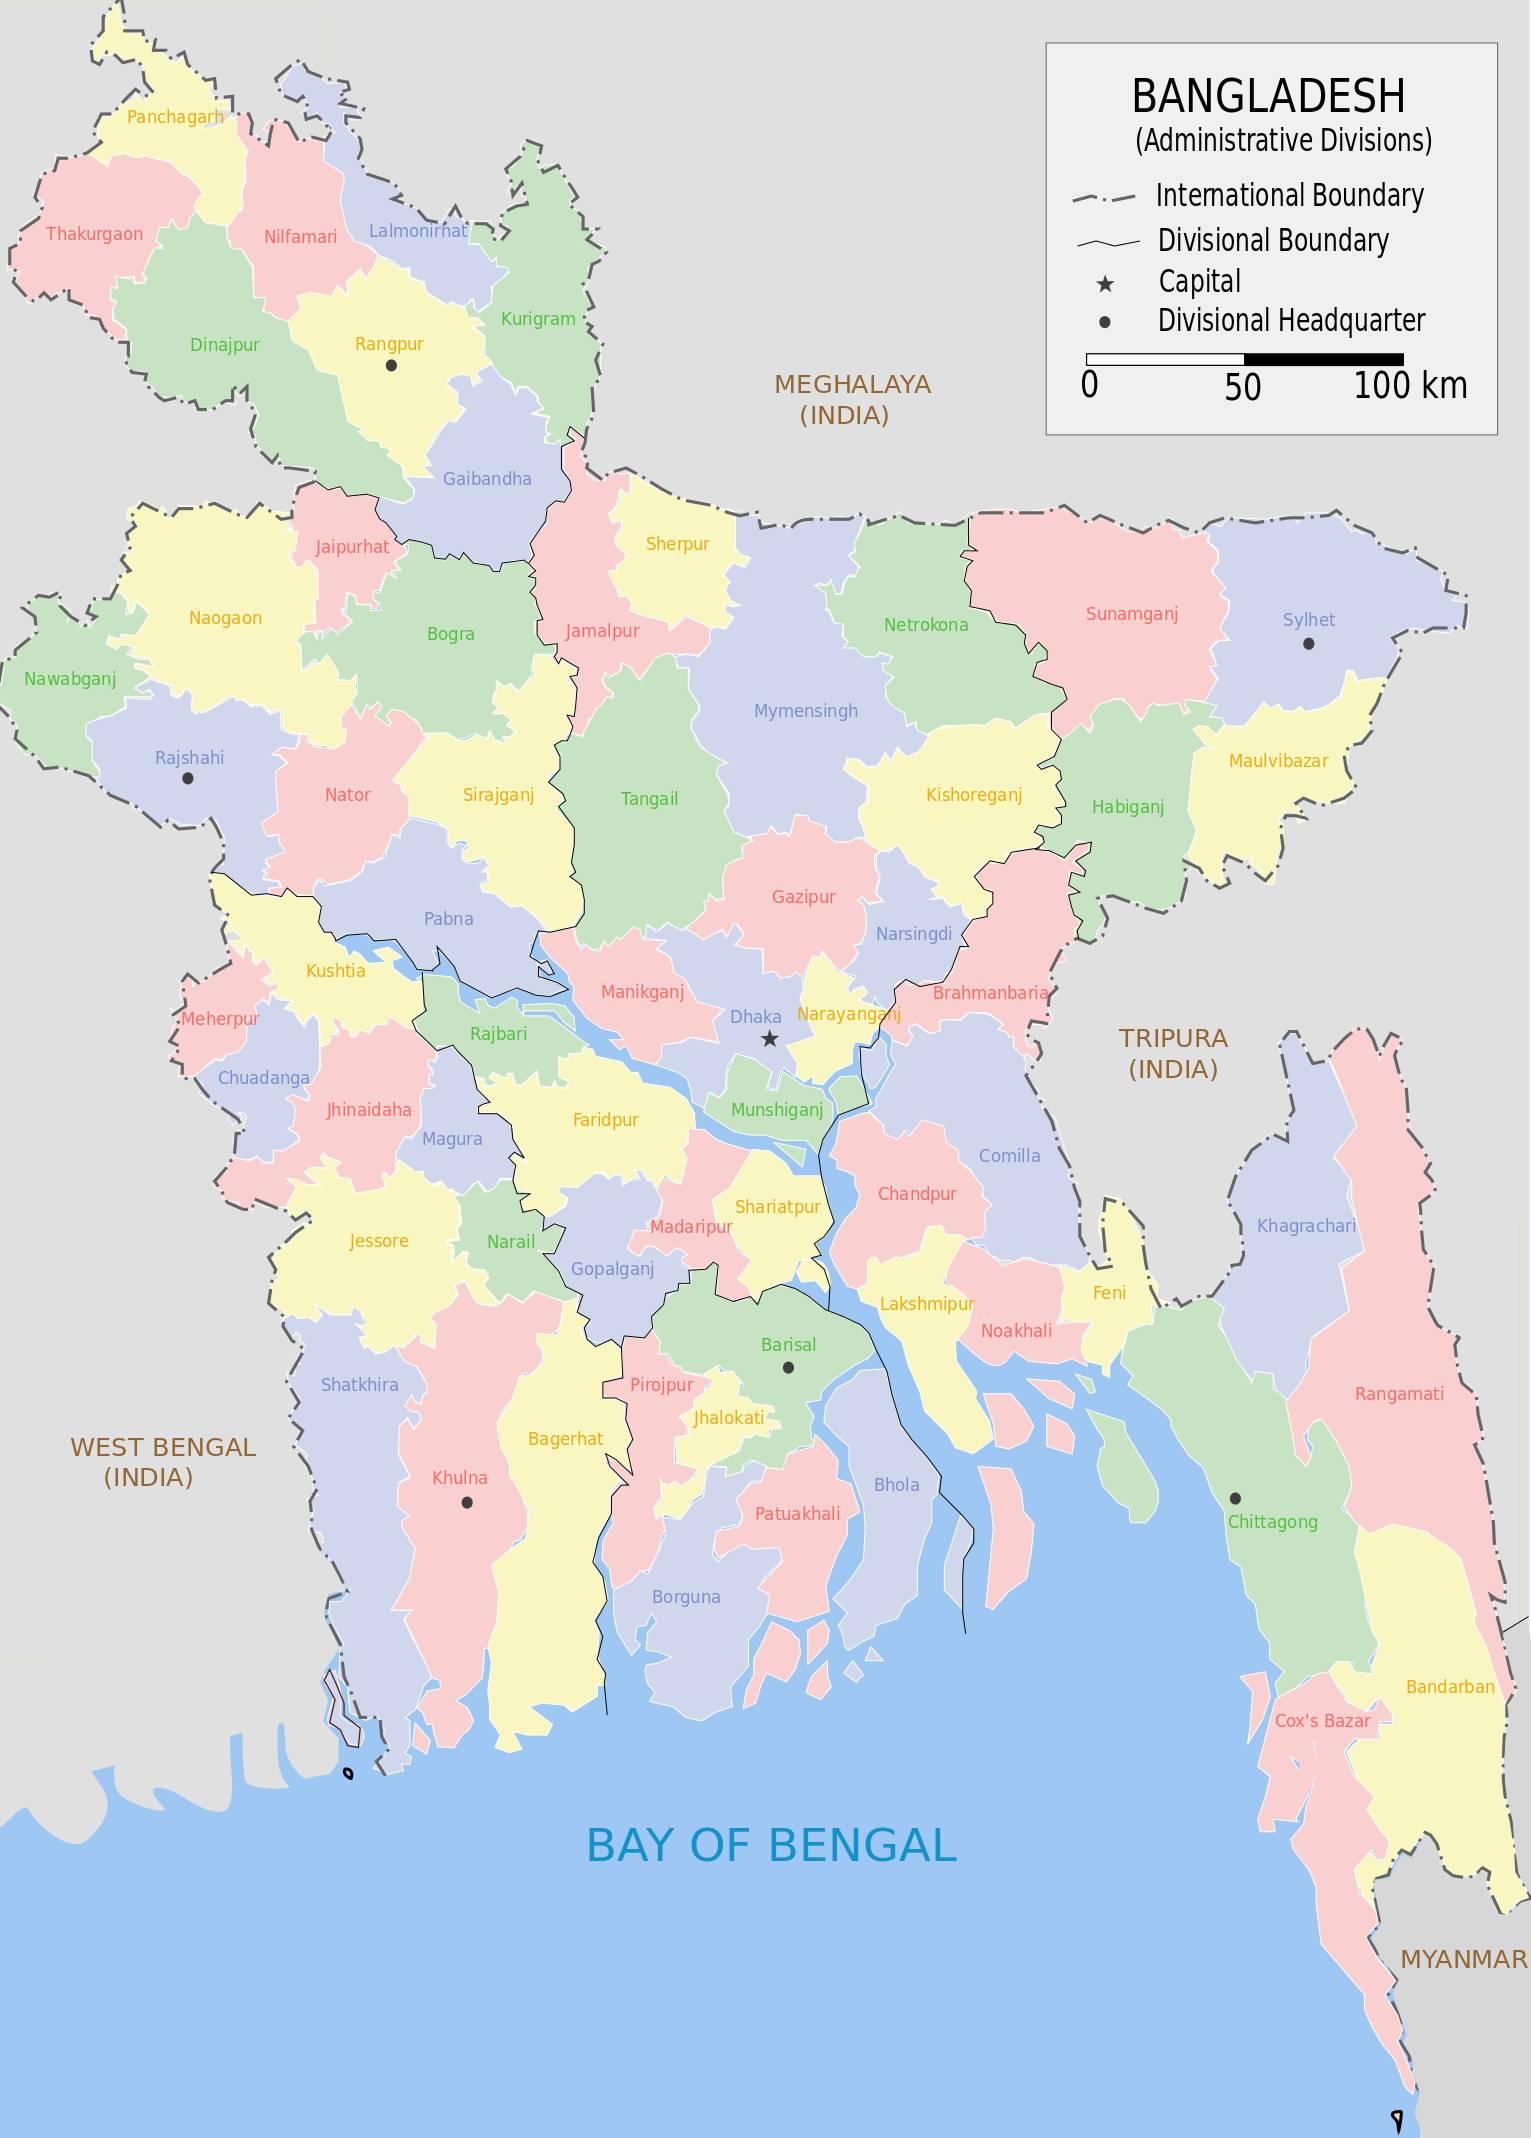 Carte des régions au Bangladesh